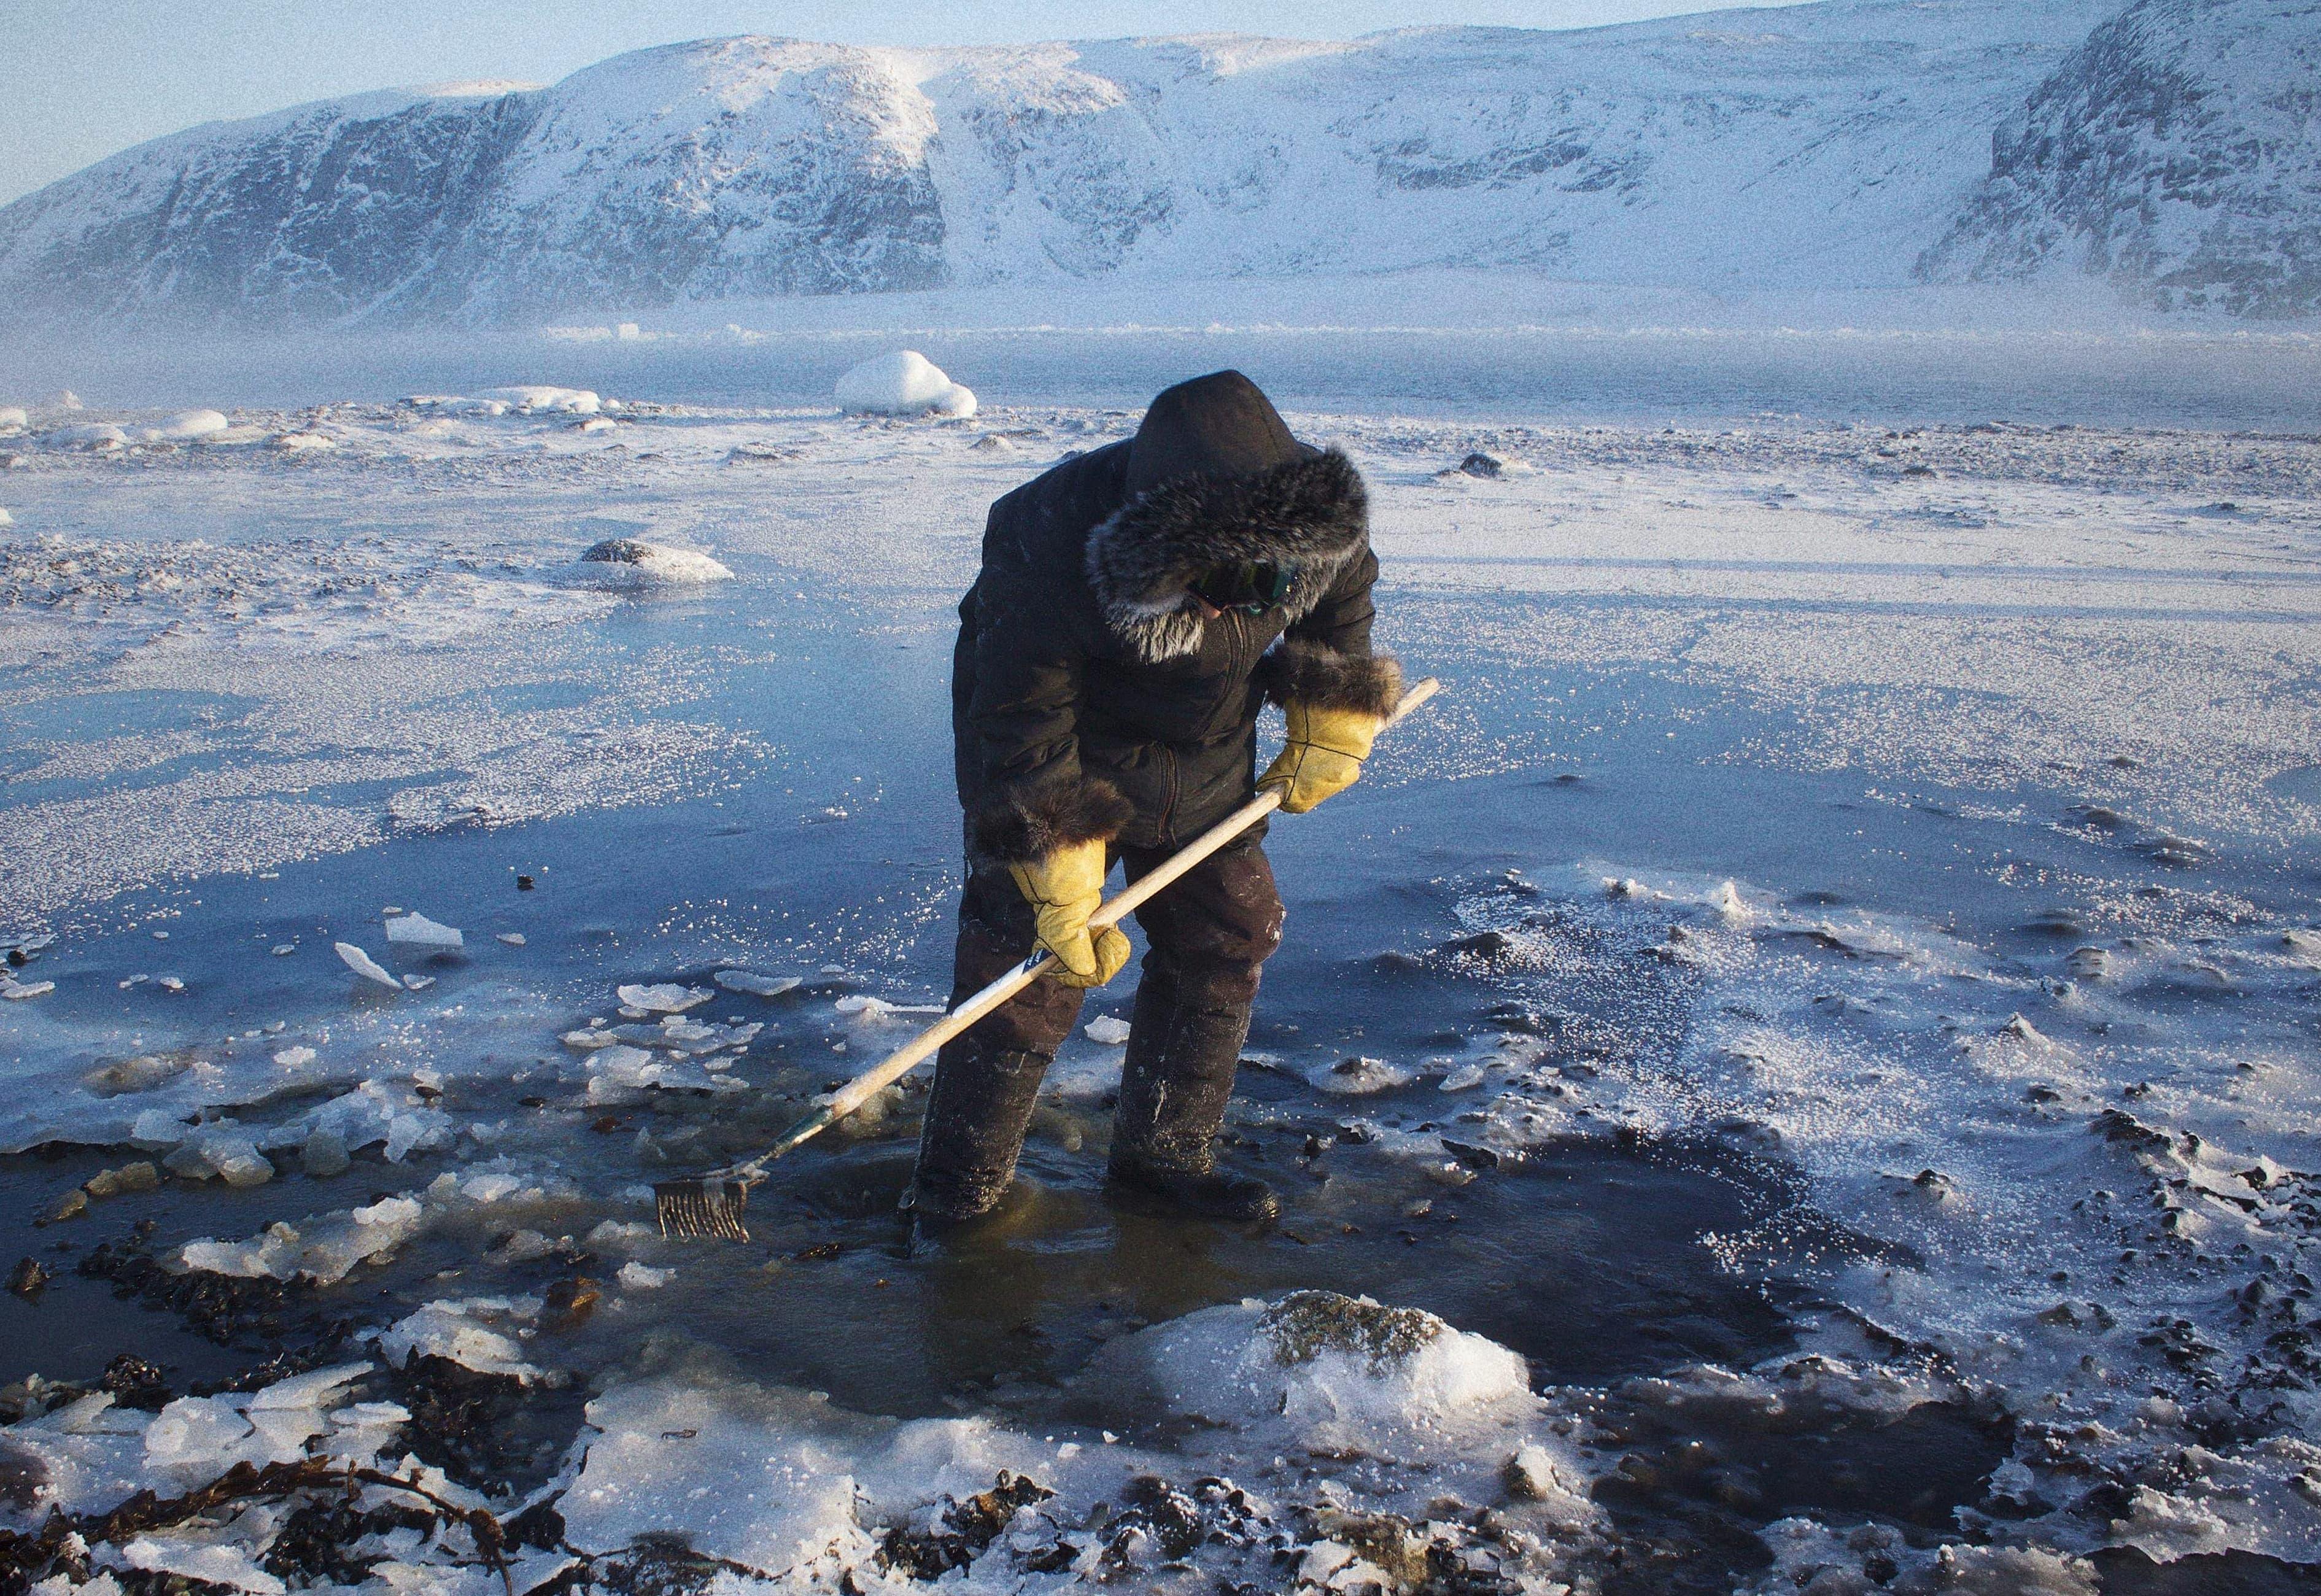 Un homme pêche des moules à proximité du village de Salluit, au Nunavik.